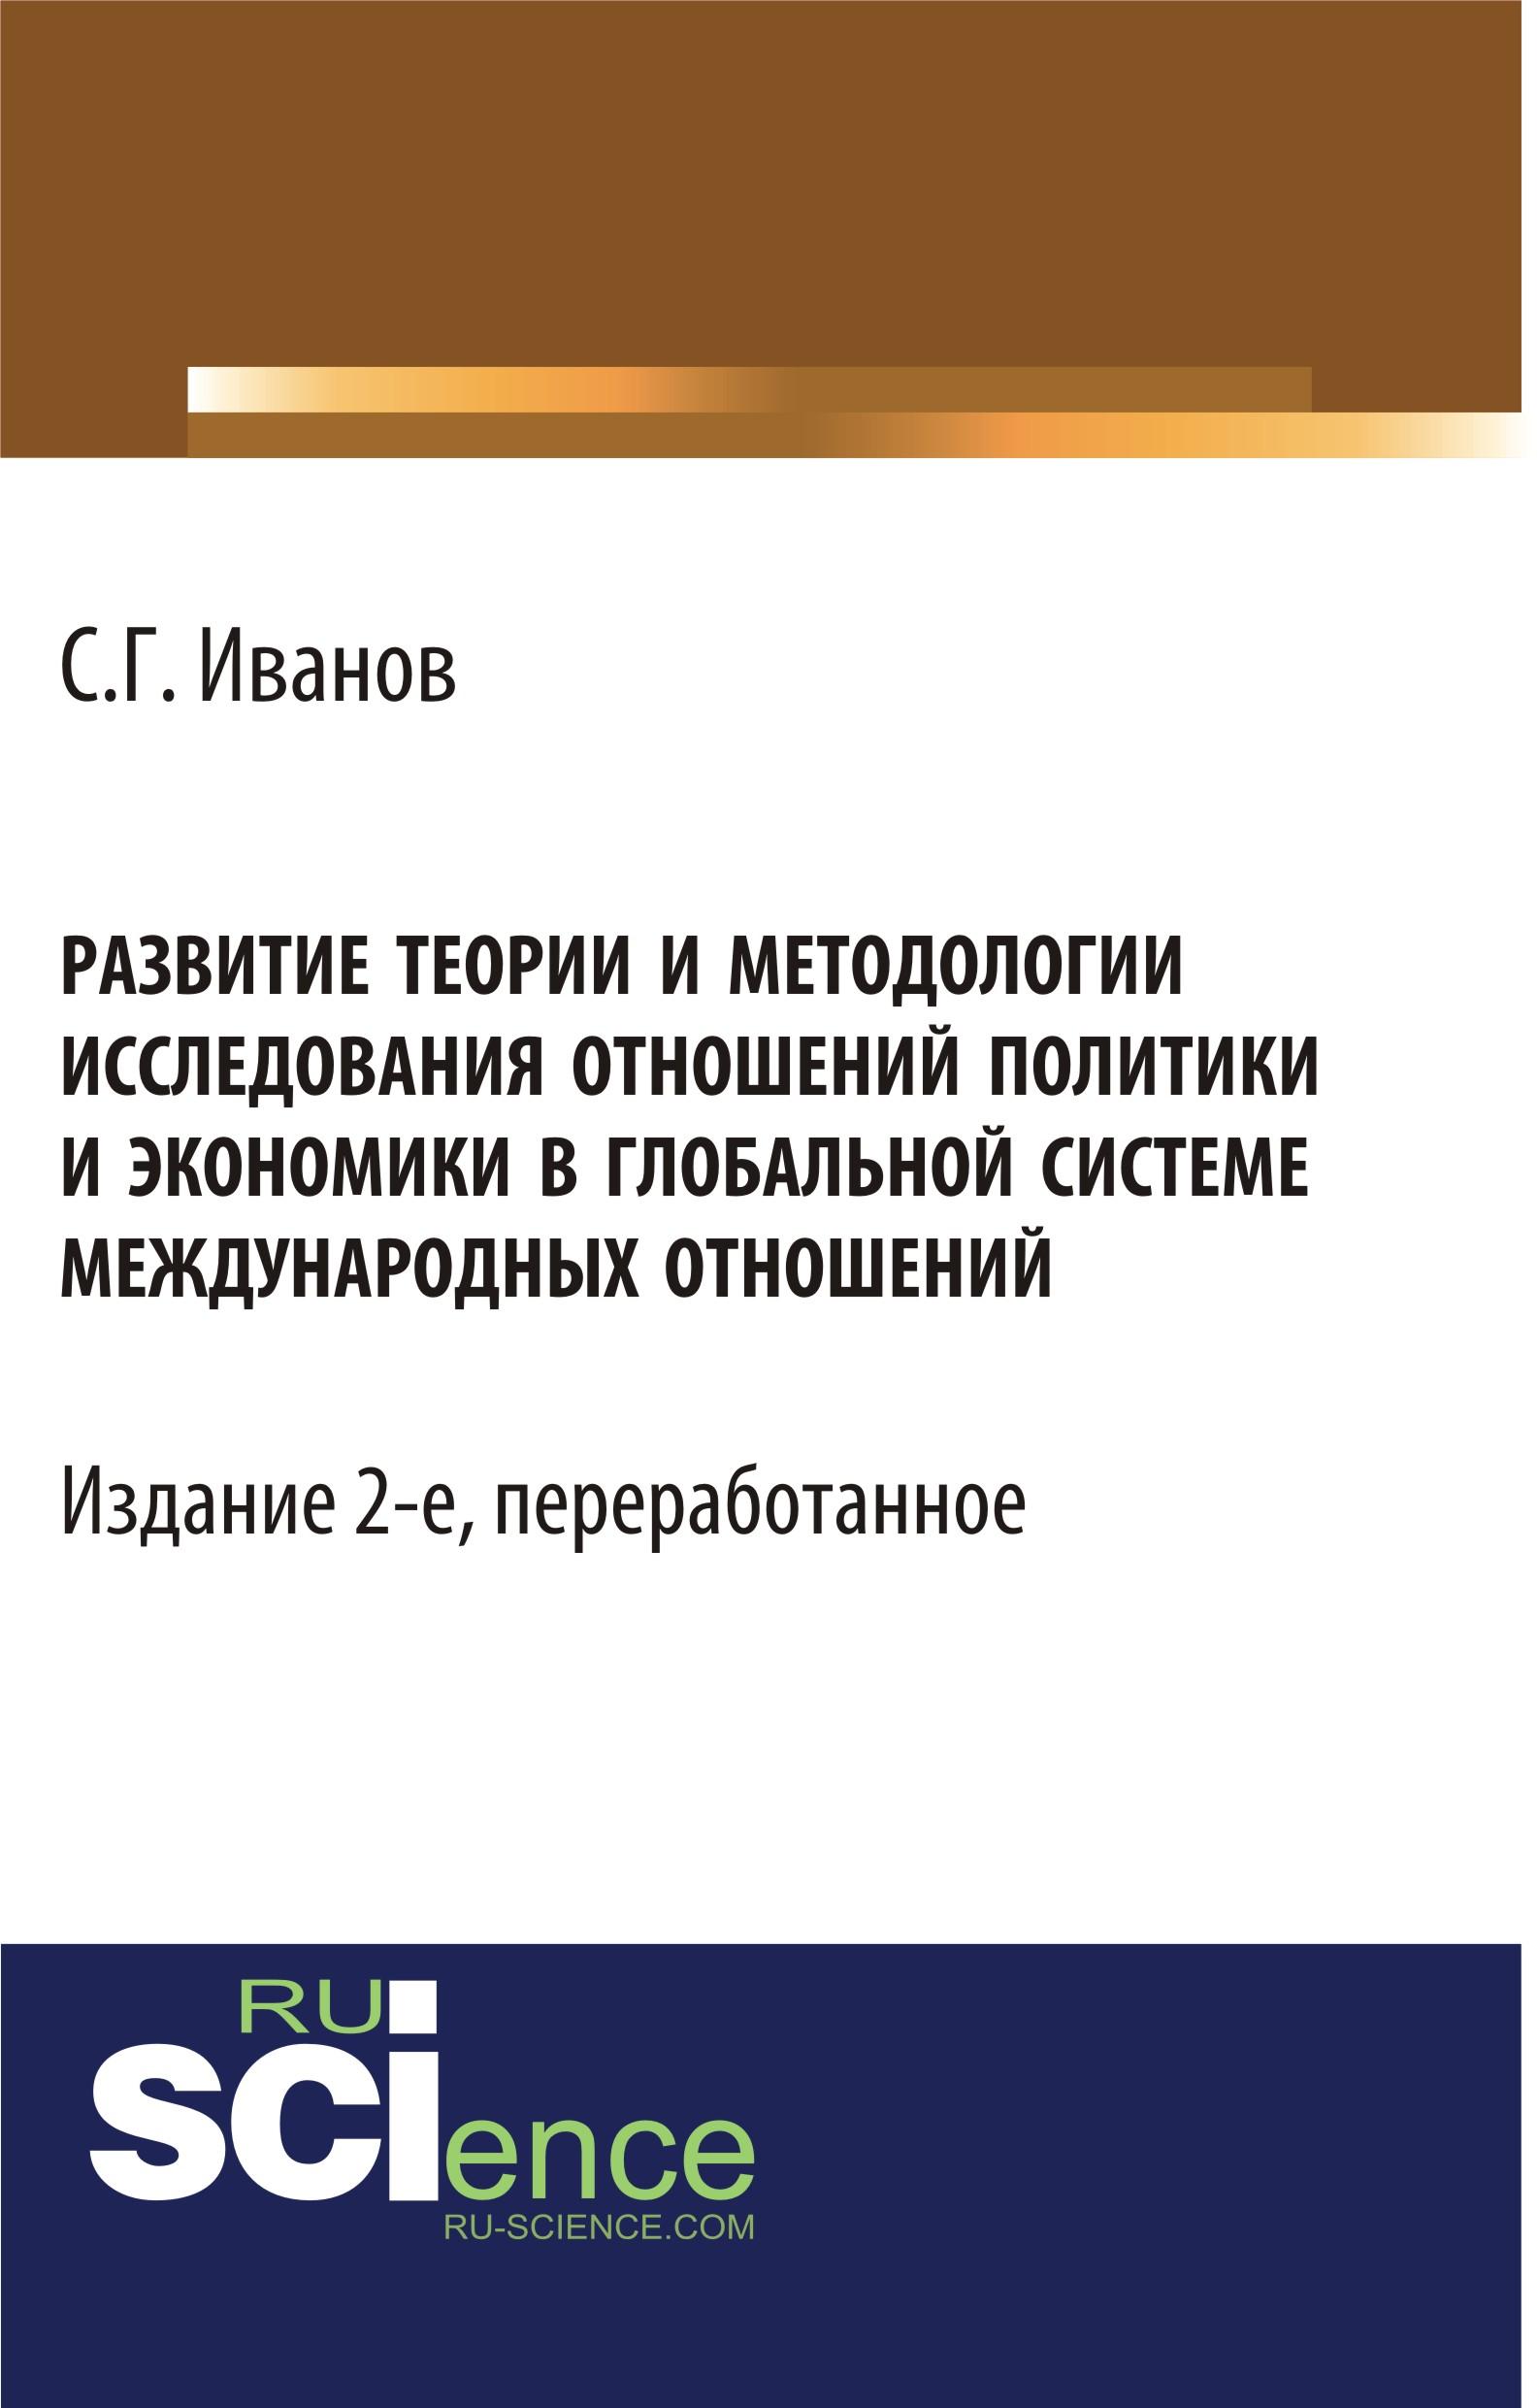 С. Г. Иванов Развитие теории и методологии исследования отношений политики и экономики в глобальной системе международных отношений